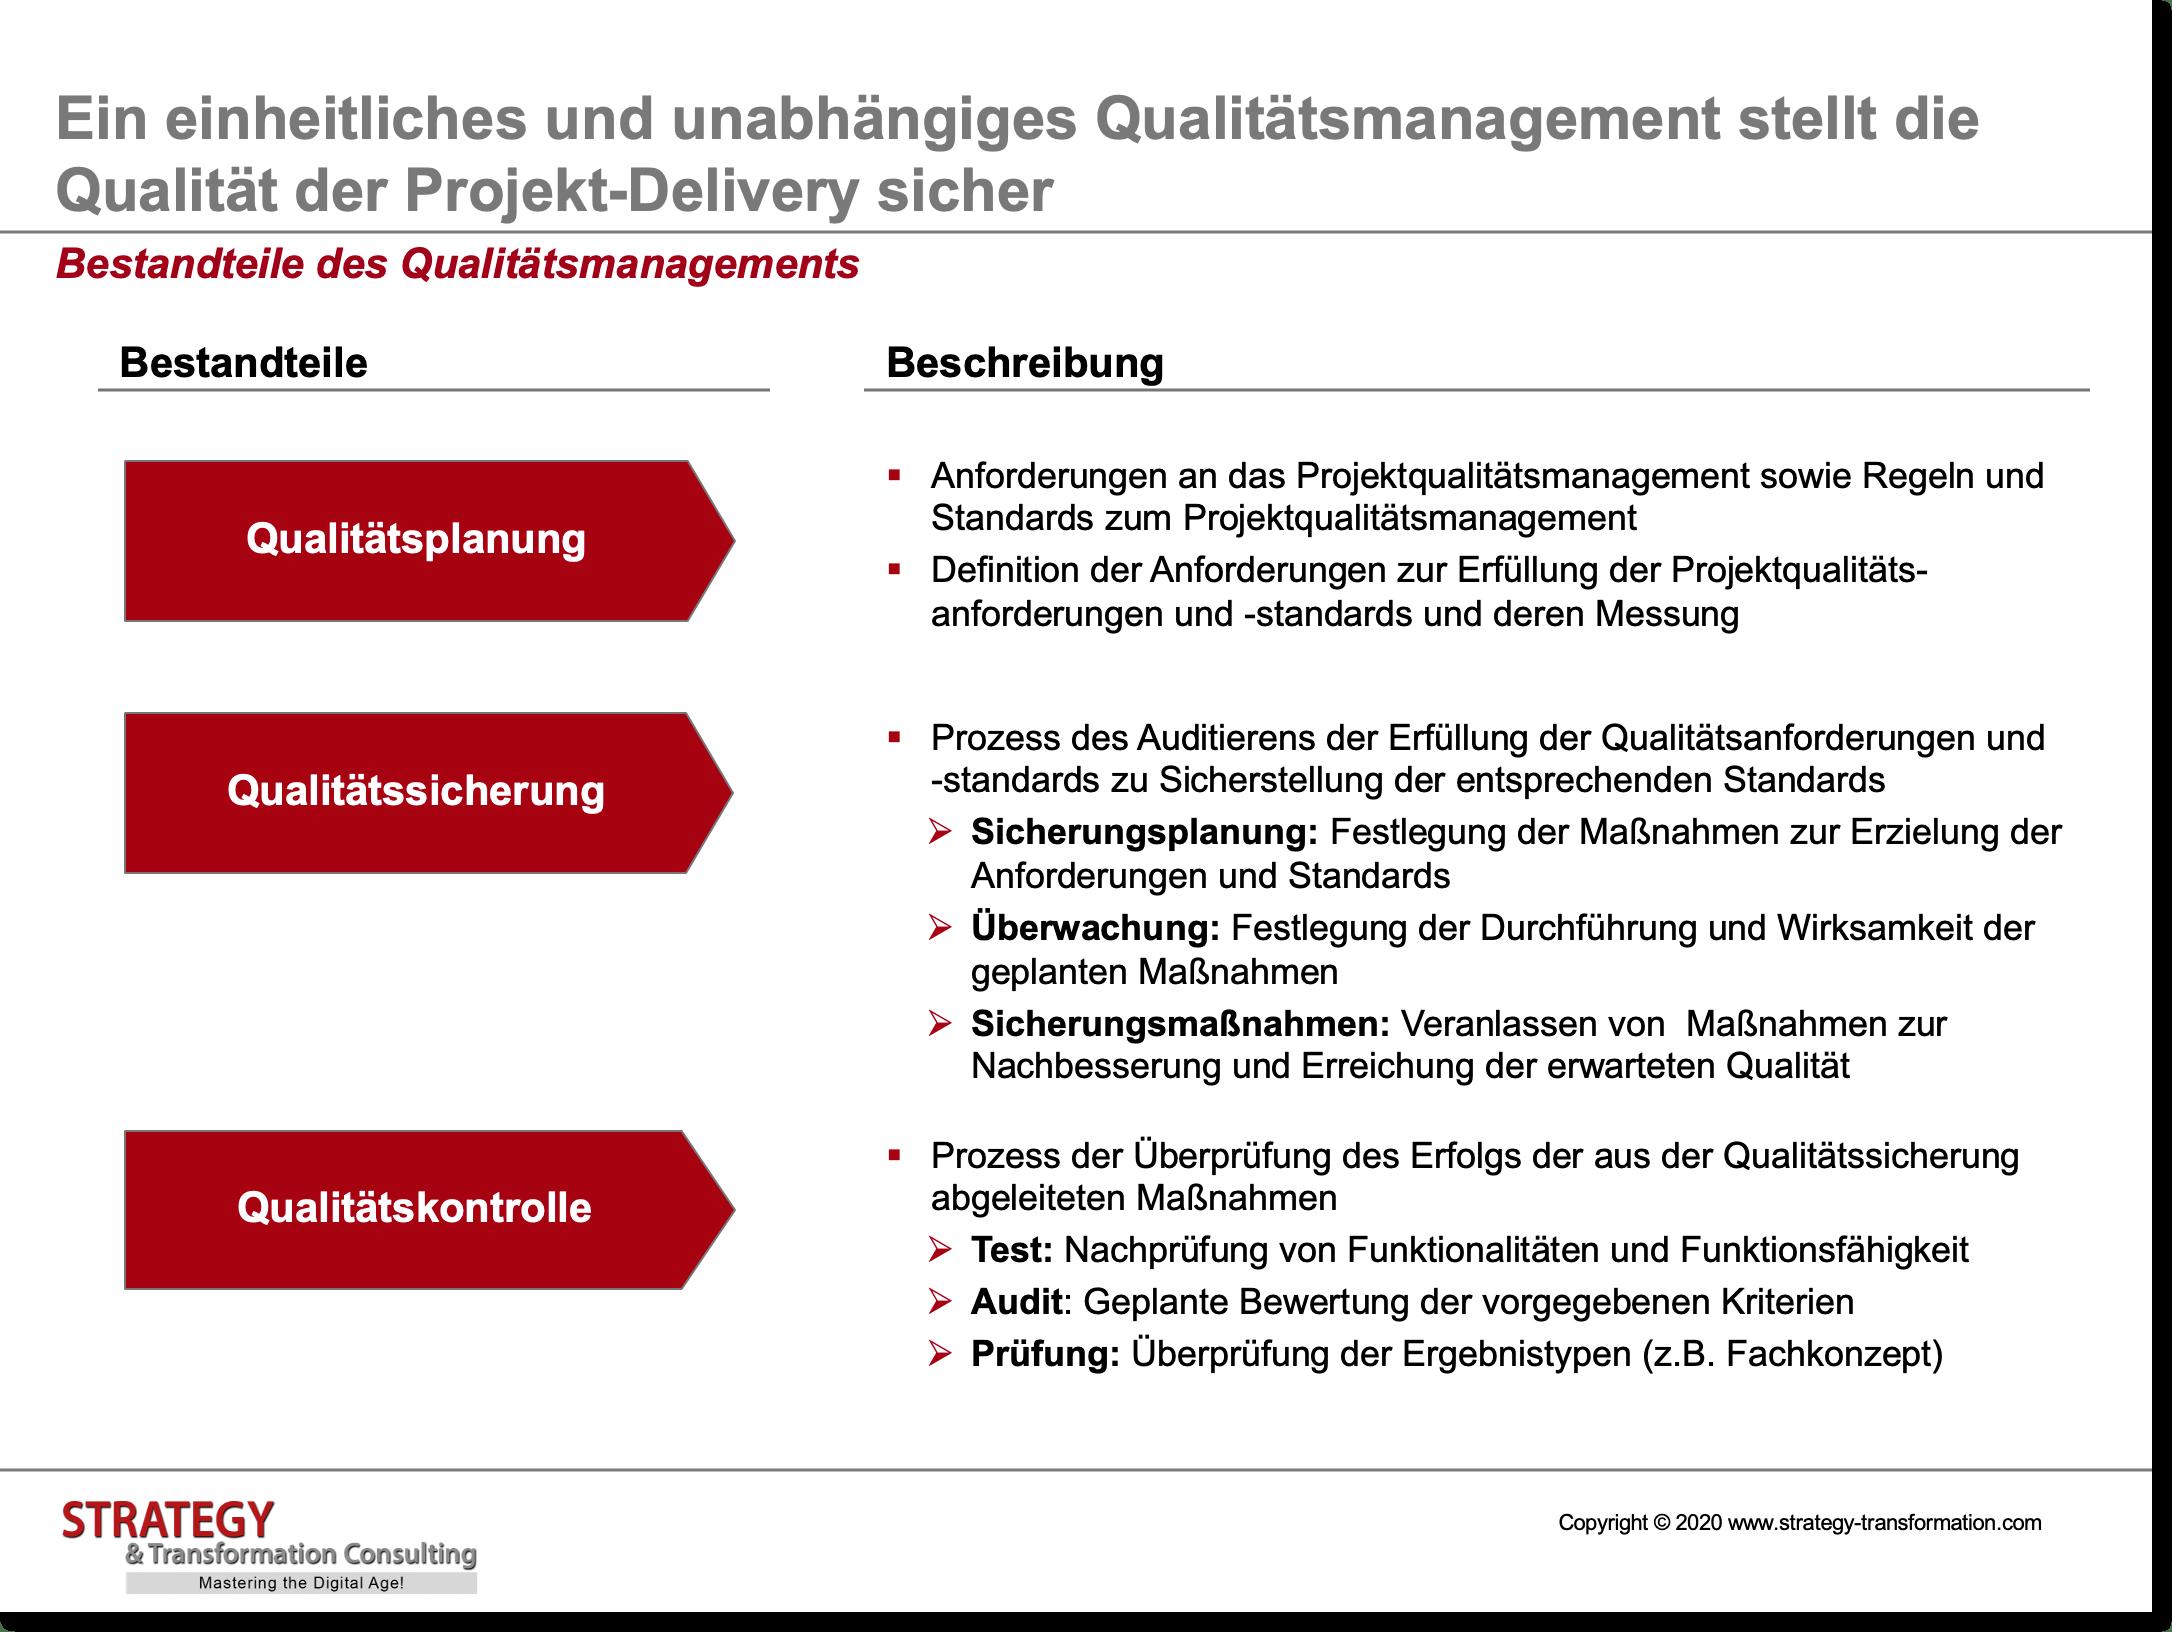 Bestandteile des Qualitätsmanagements in Projekten